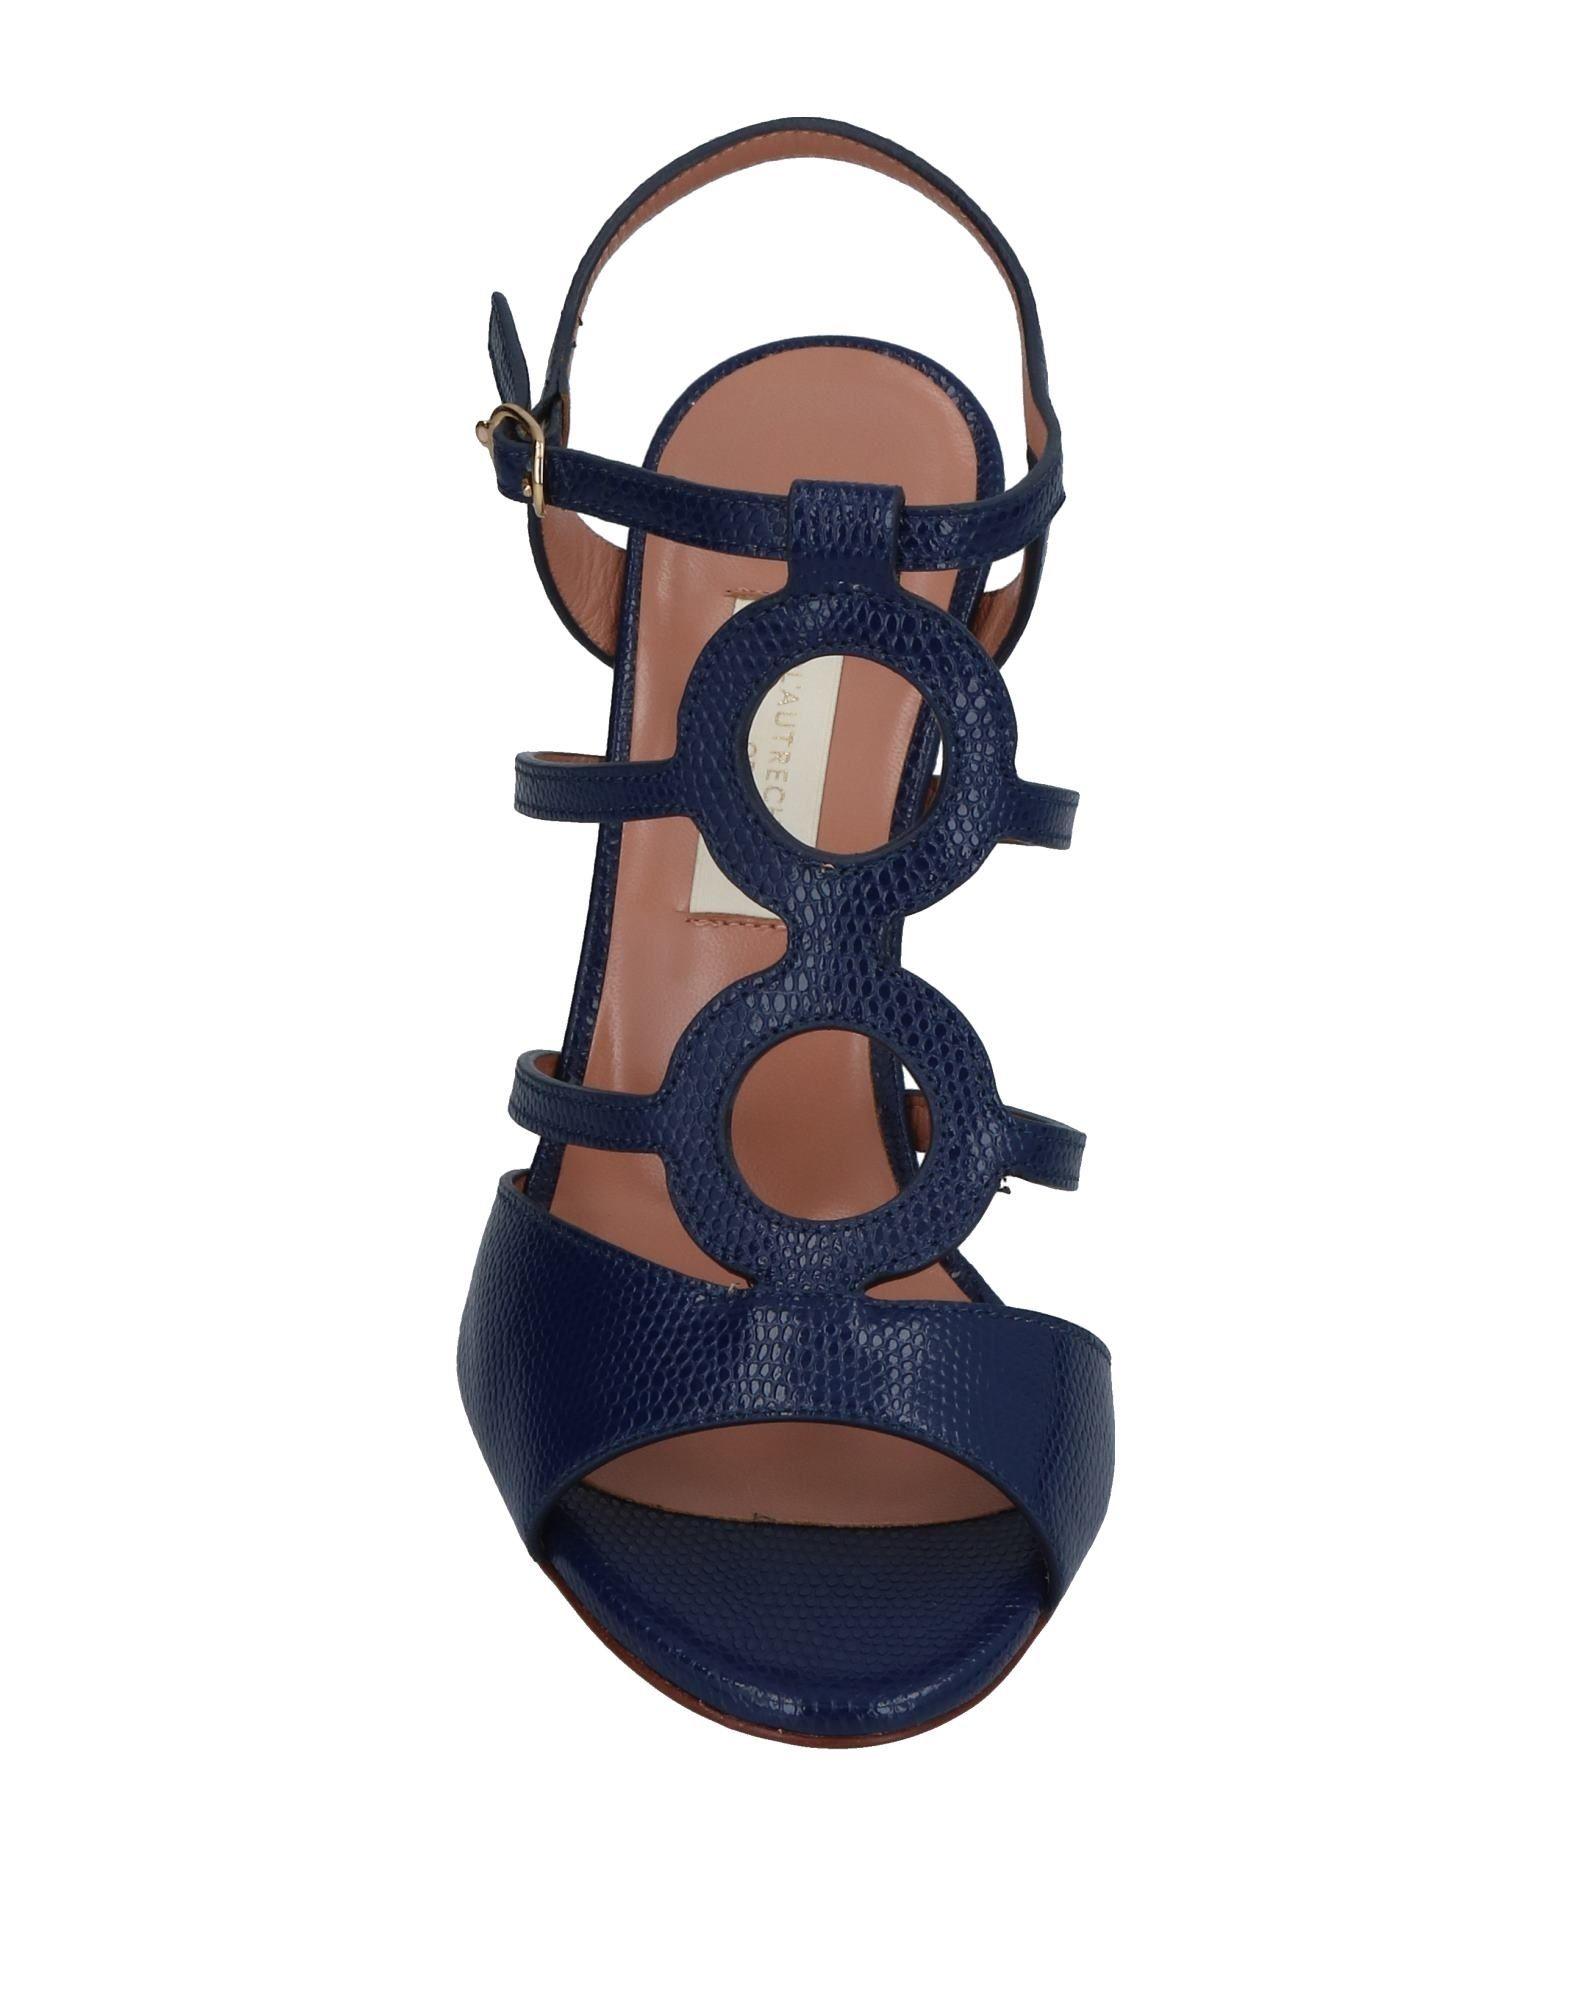 L' Autre  Chose Sandalen Damen  Autre 11383899FM Neue Schuhe 0a4d4d